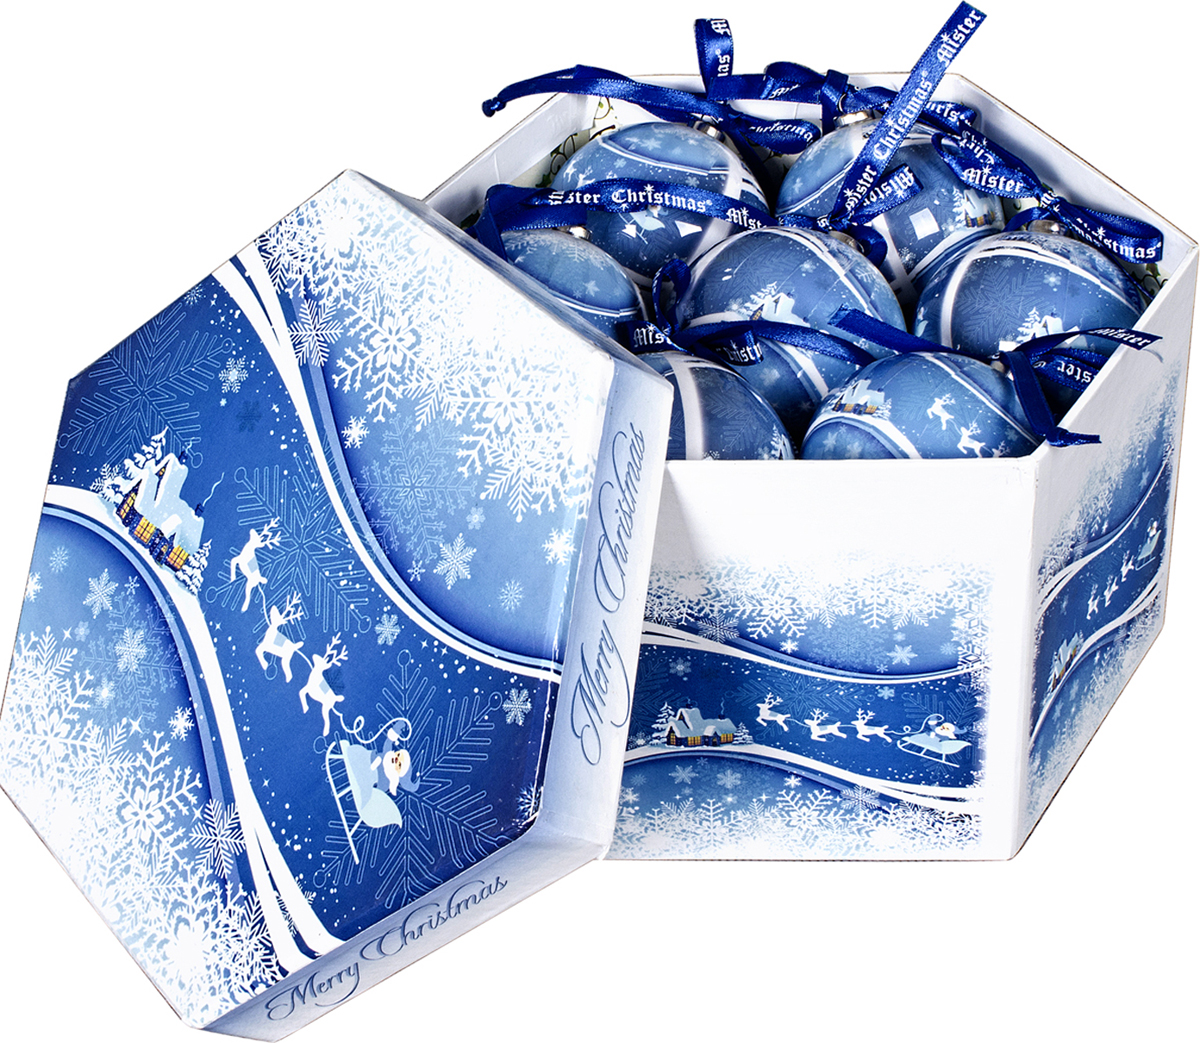 Набор новогодних подвесных украшений Mister Christmas  Папье-маше , диаметр 7,5 см, 14 шт. PM-40-14 -  Украшения